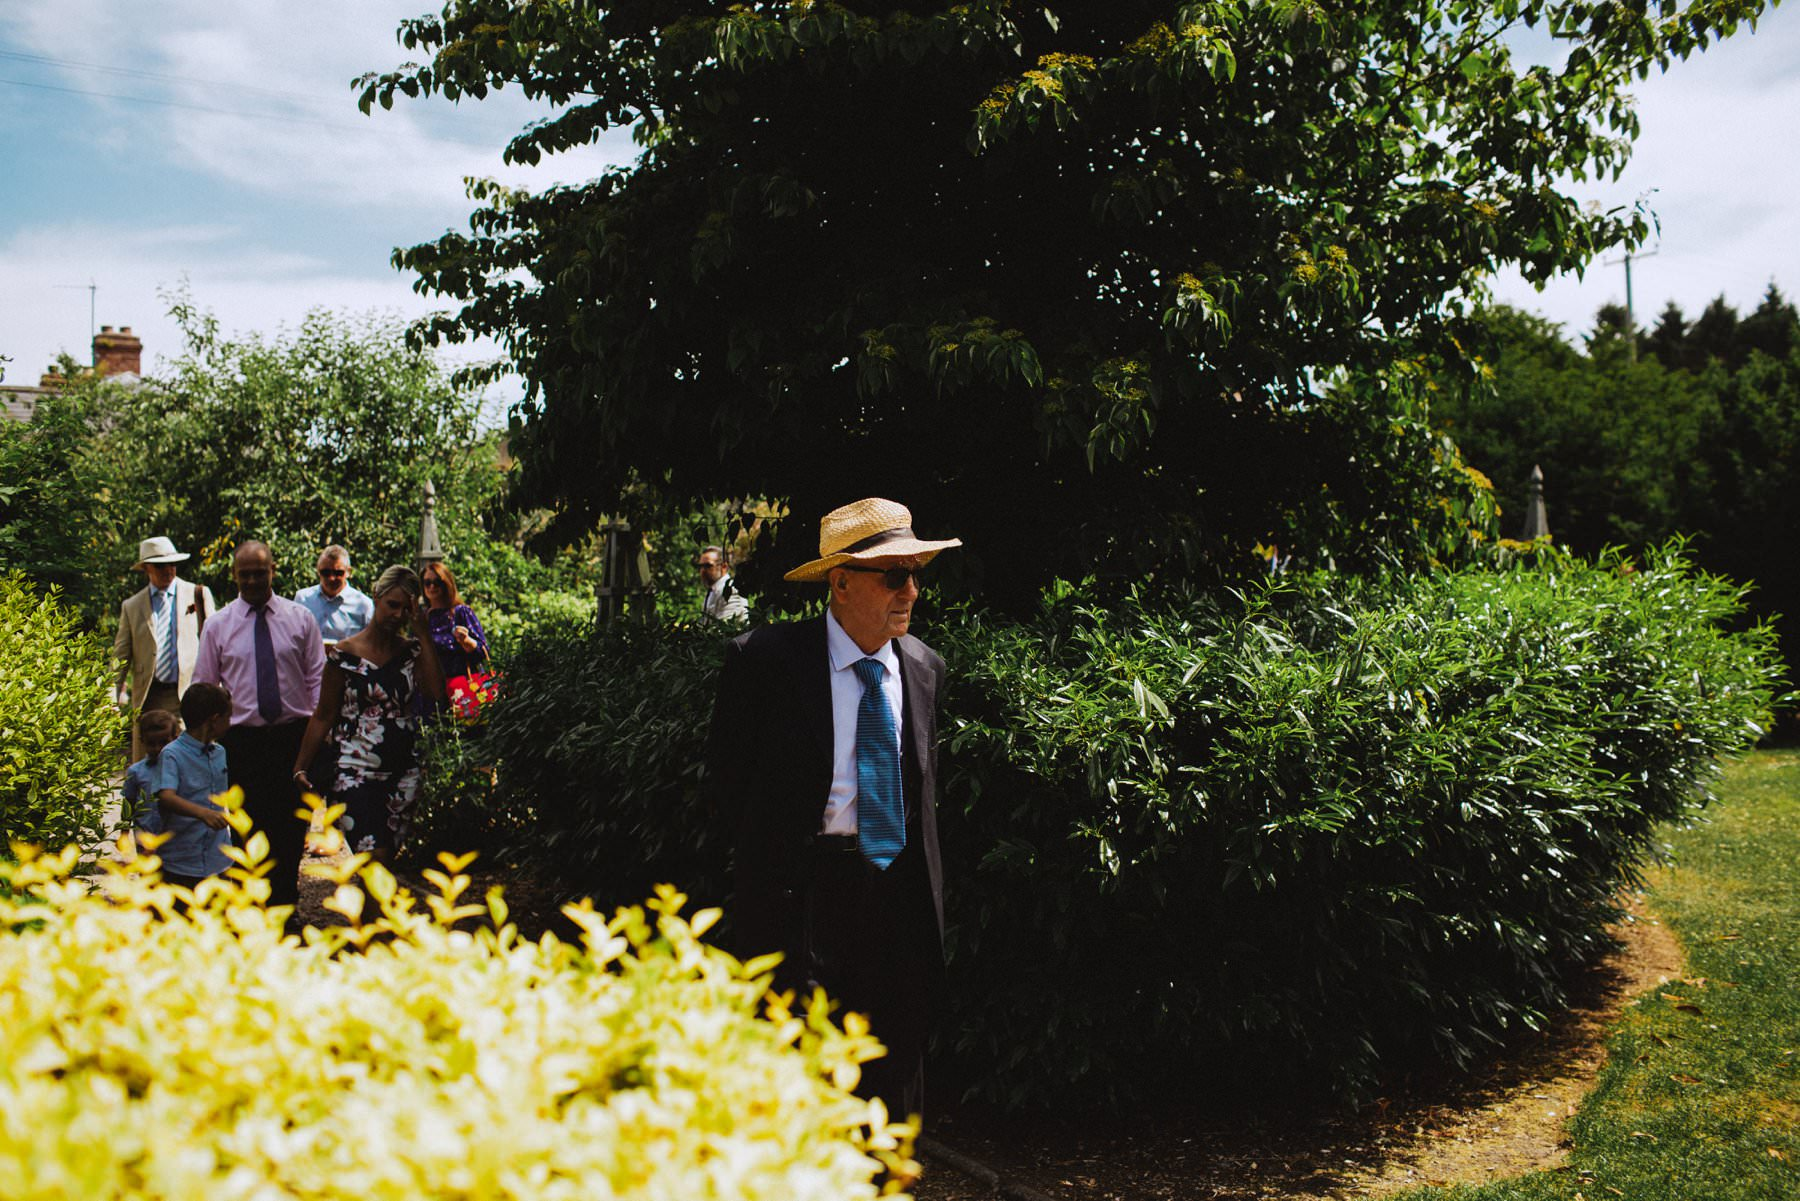 elderly gentleman arrives to wedding at larchfield estate northern ireland